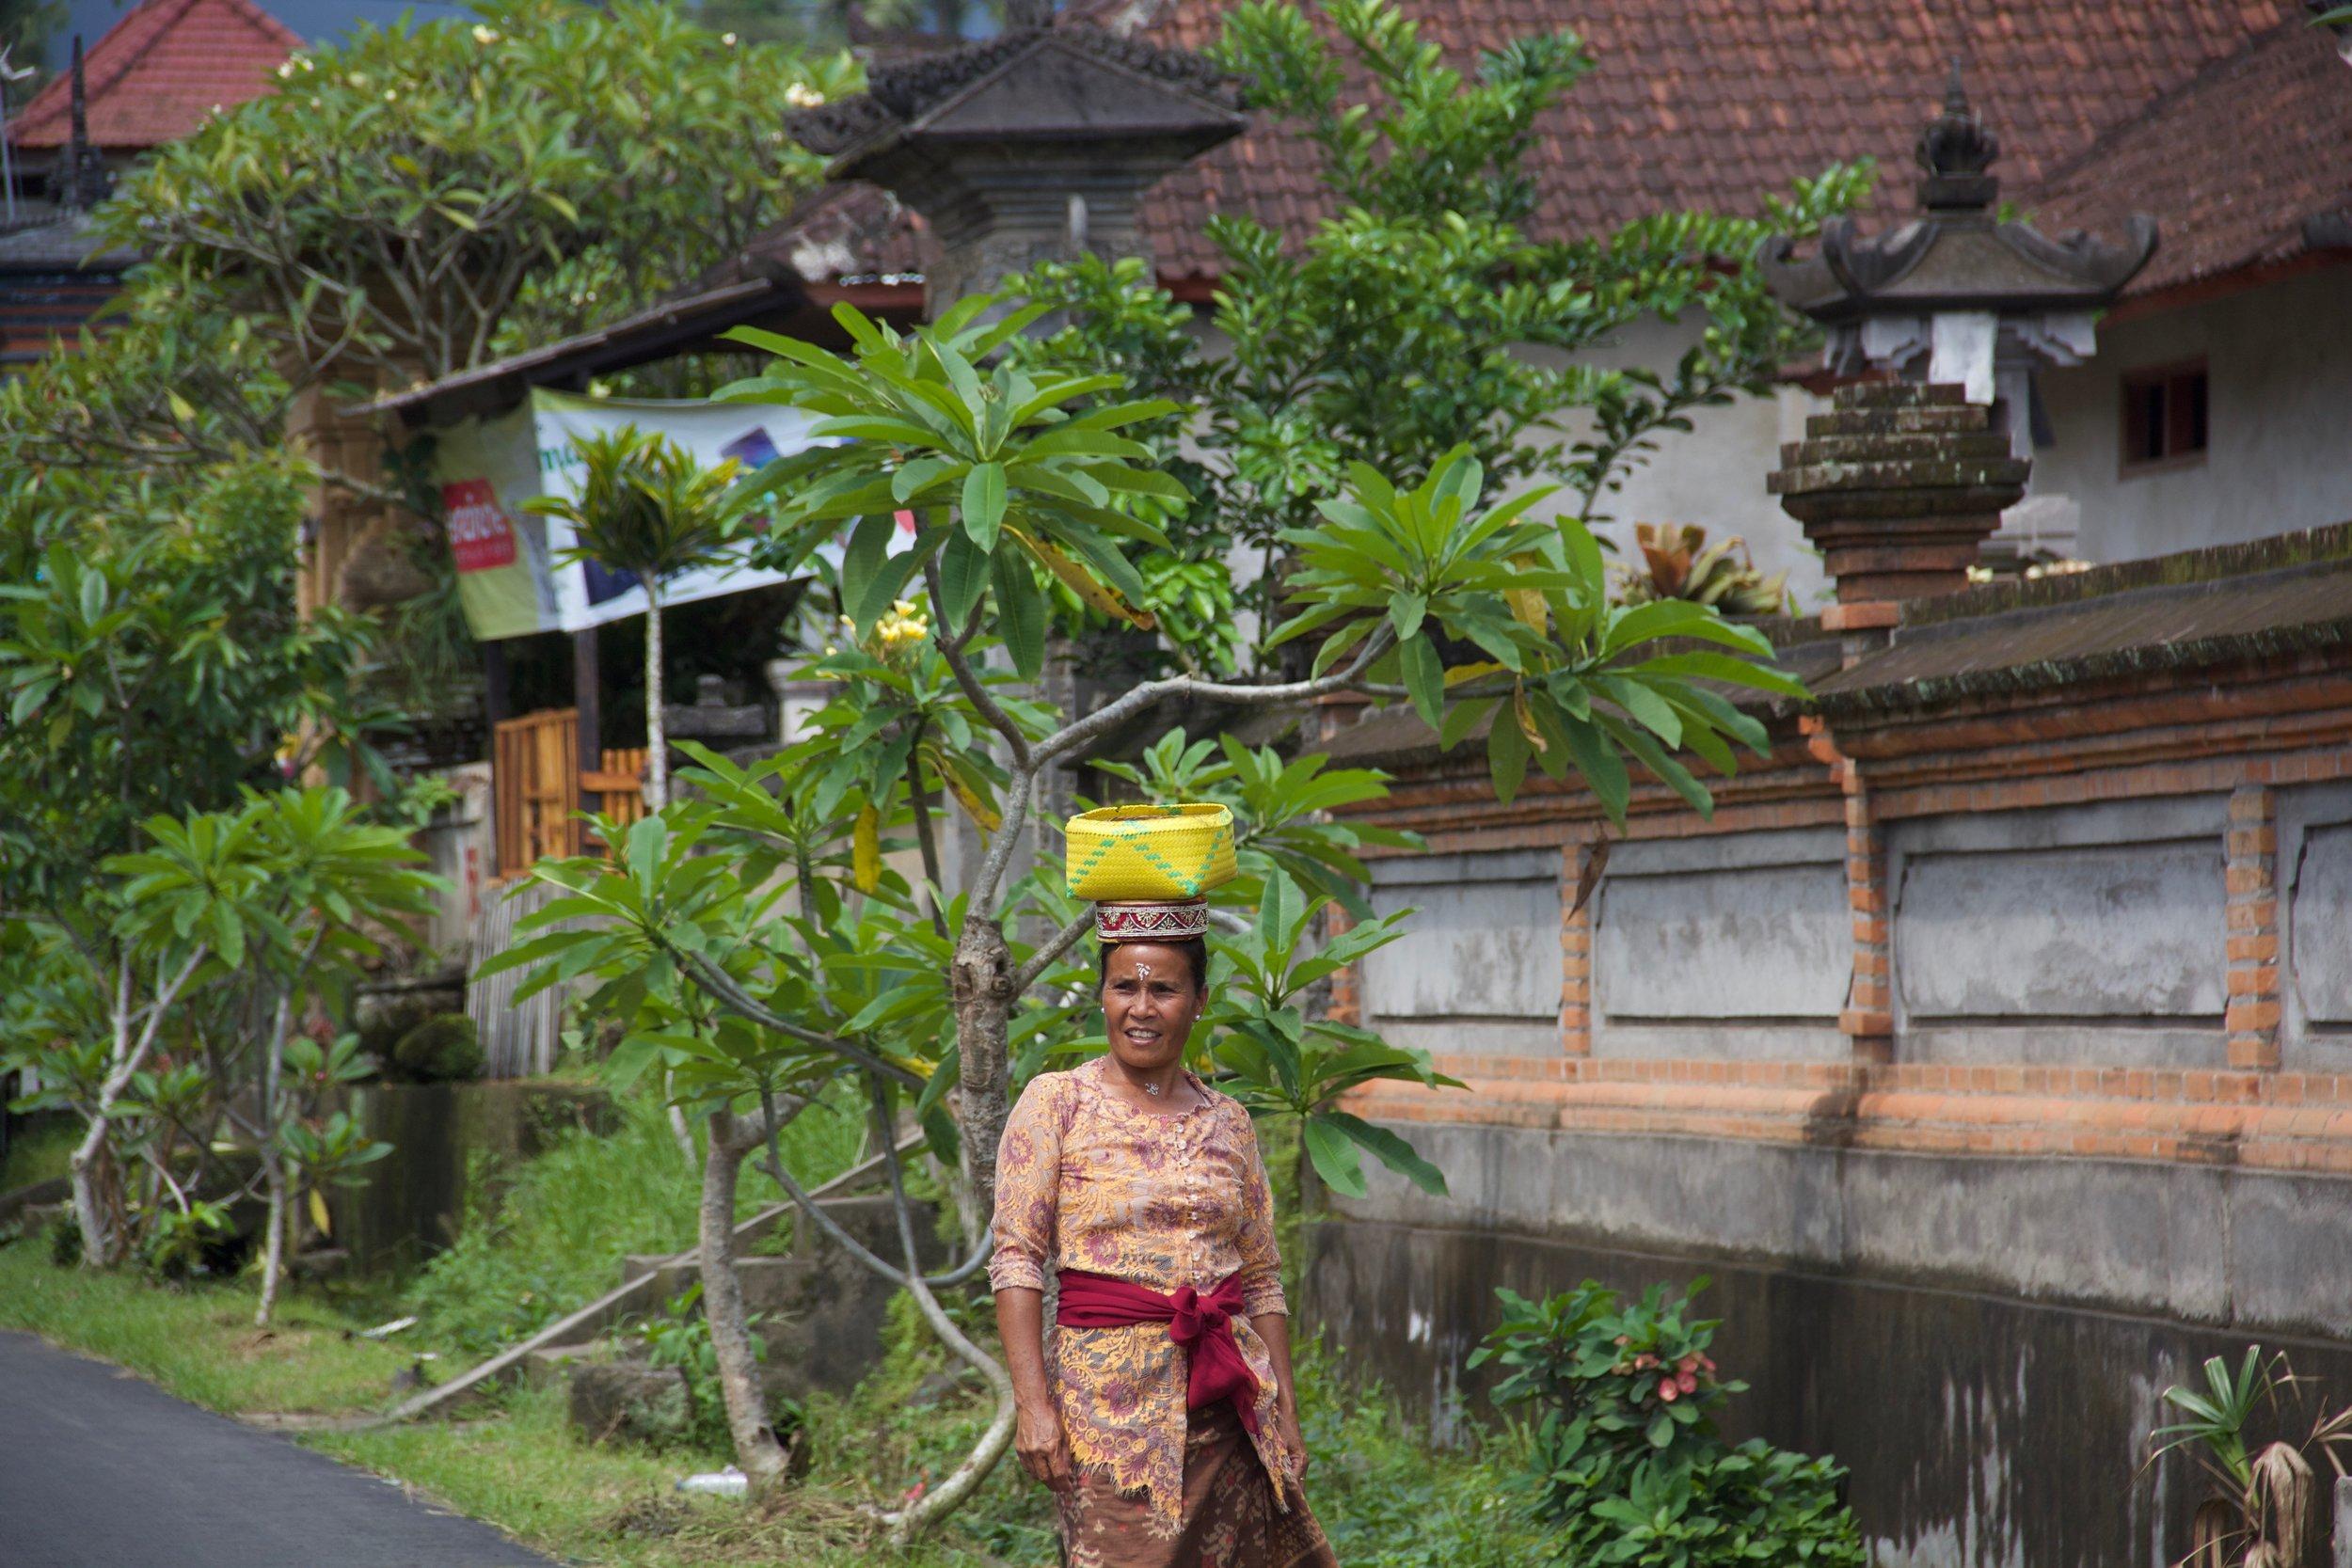 Locals in Ubud